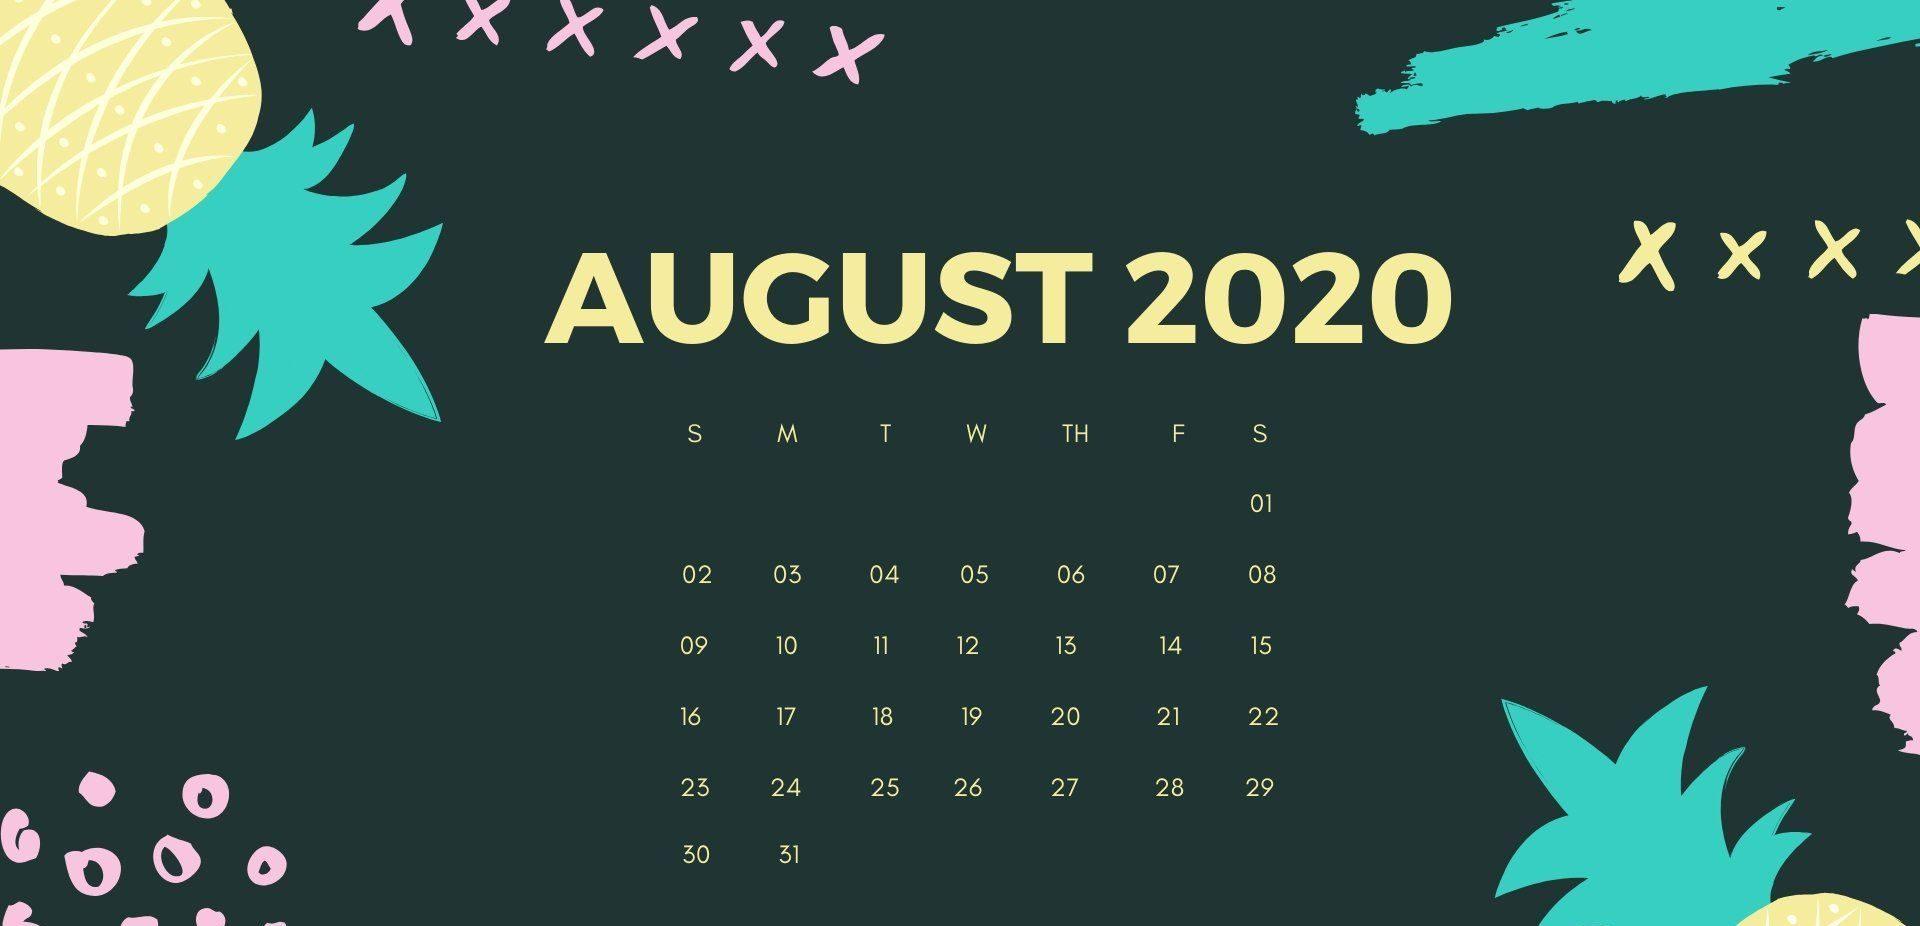 August 2020 Desktop Calendar